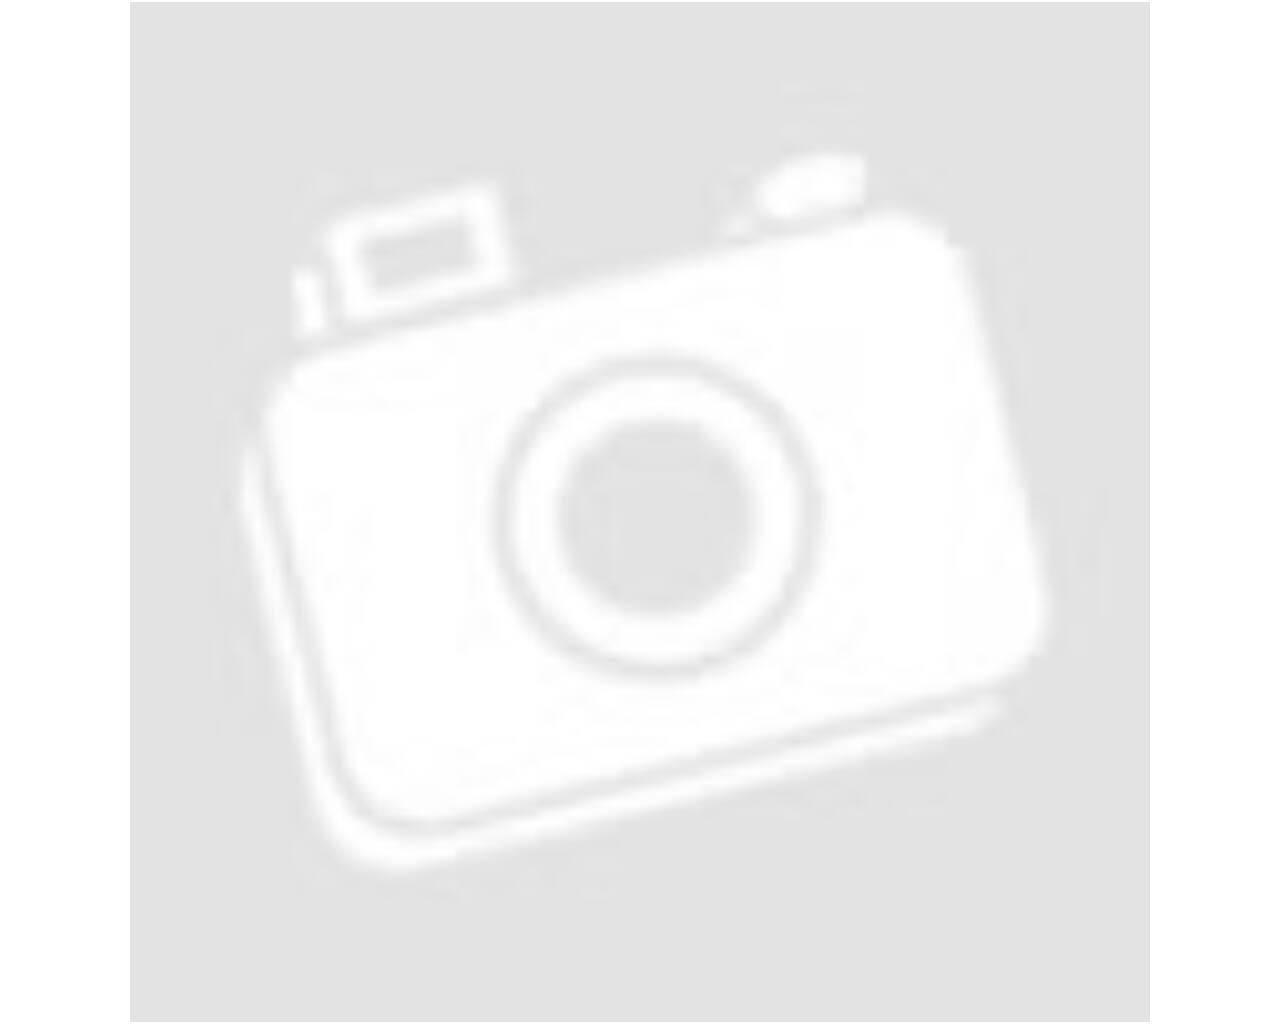 Mosdó Star 600 fiókos, fehér / tölgy  felfüggesztve 60 x 47 x 52 cm